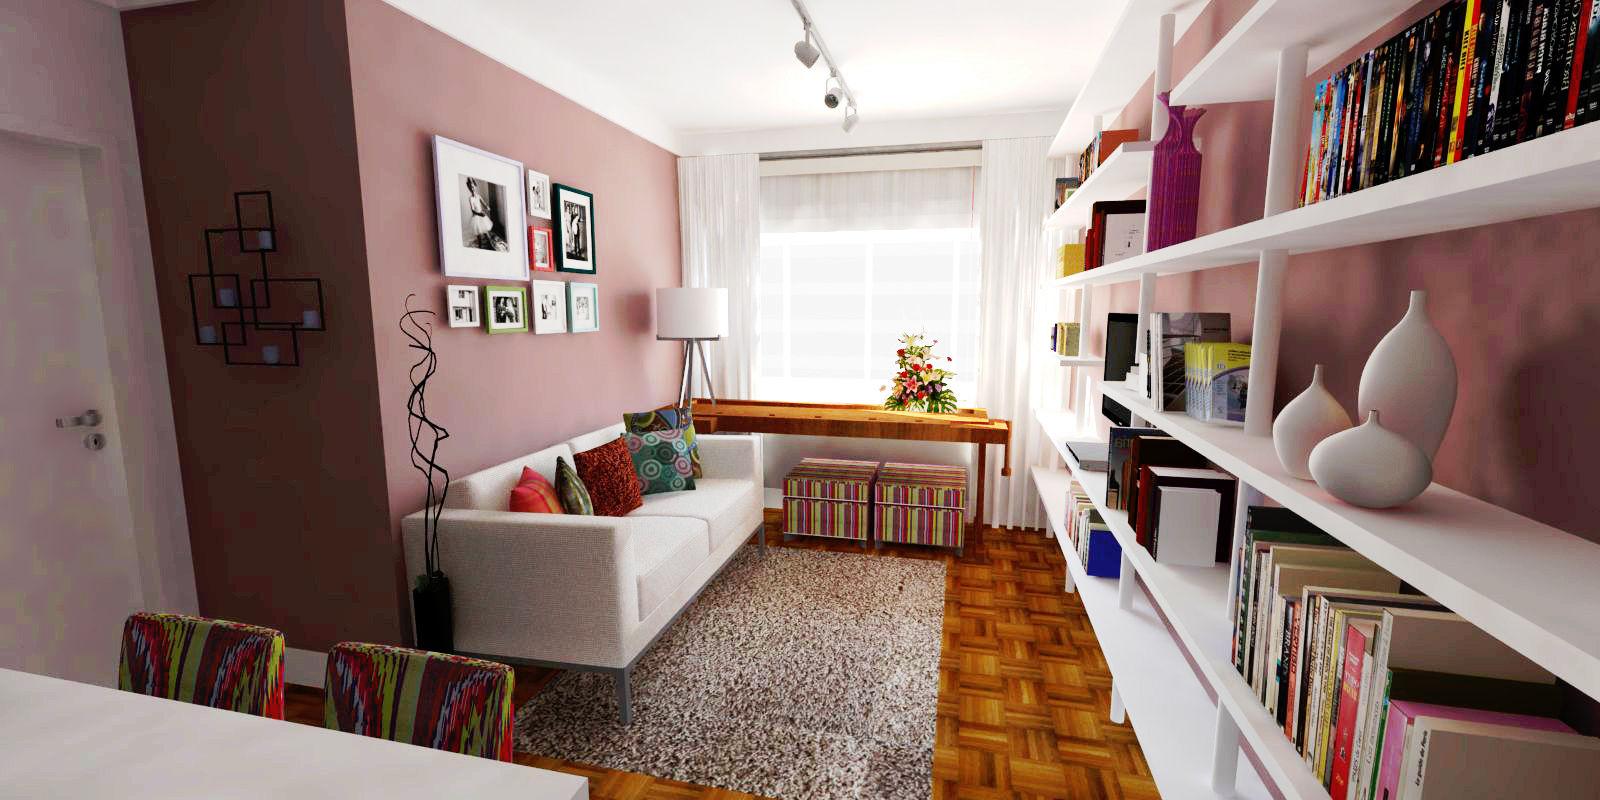 Imagen salas coloridas - Fotos decoracion interiores ...